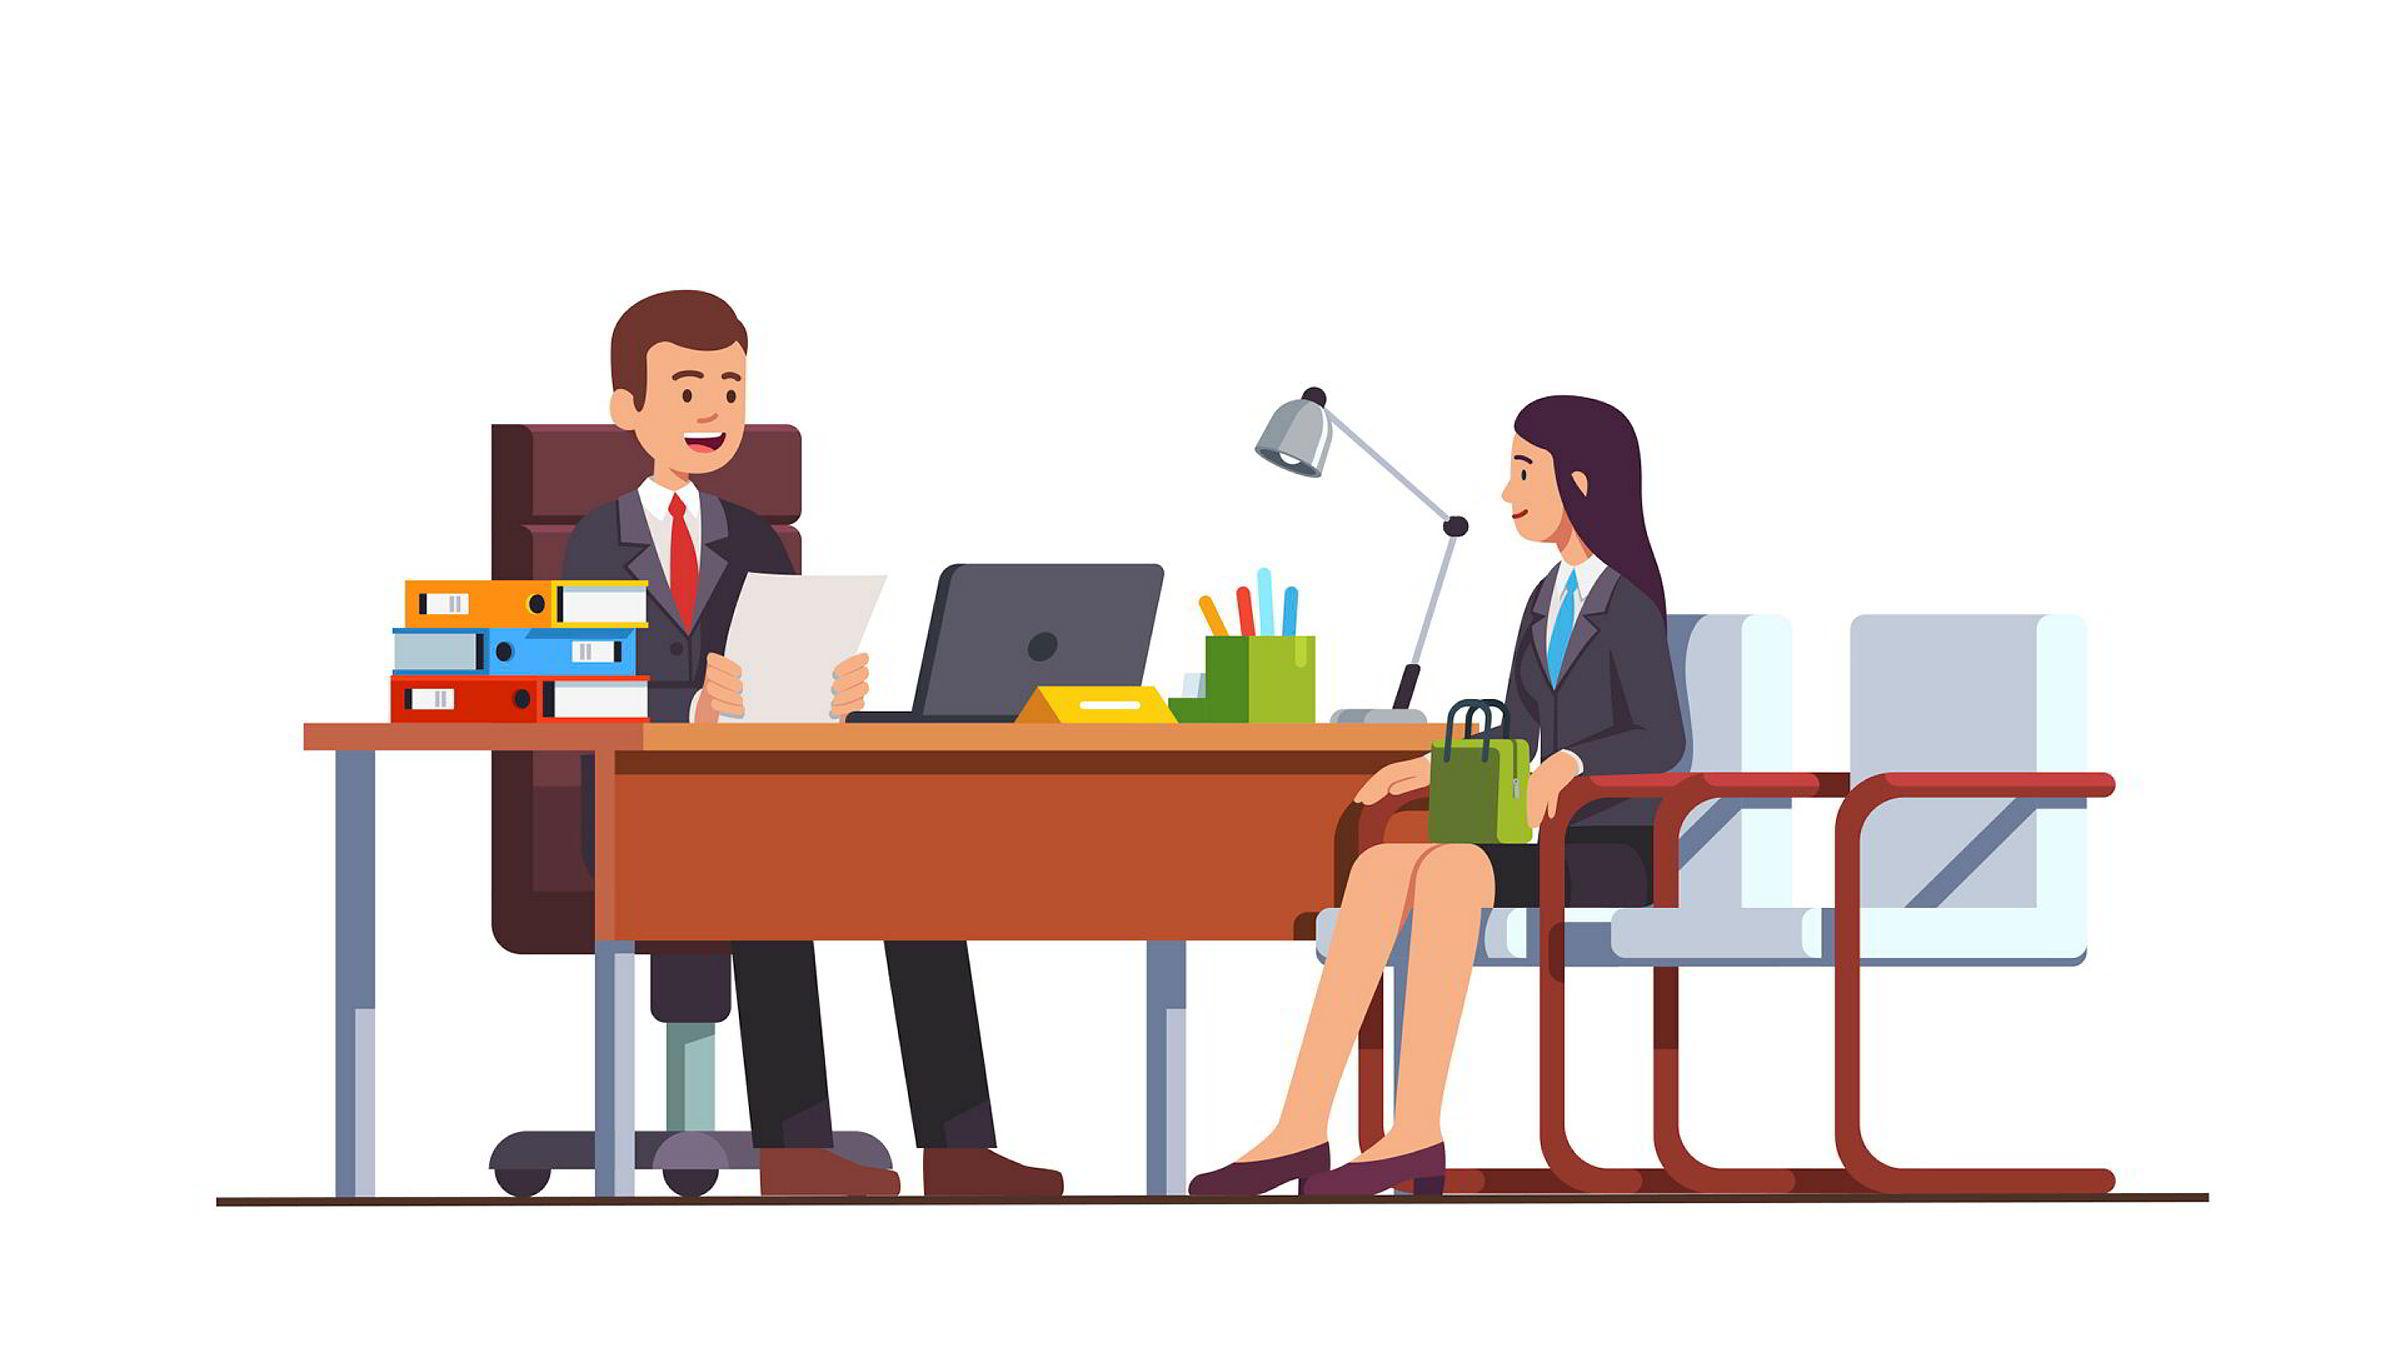 For å utnytte mulighetene som ligger i en bransje i endring må vi tilpasse oss, og utvikle og tilby de tjenestene klientene trenger og ønsker, skriver artikkelforfatterne.